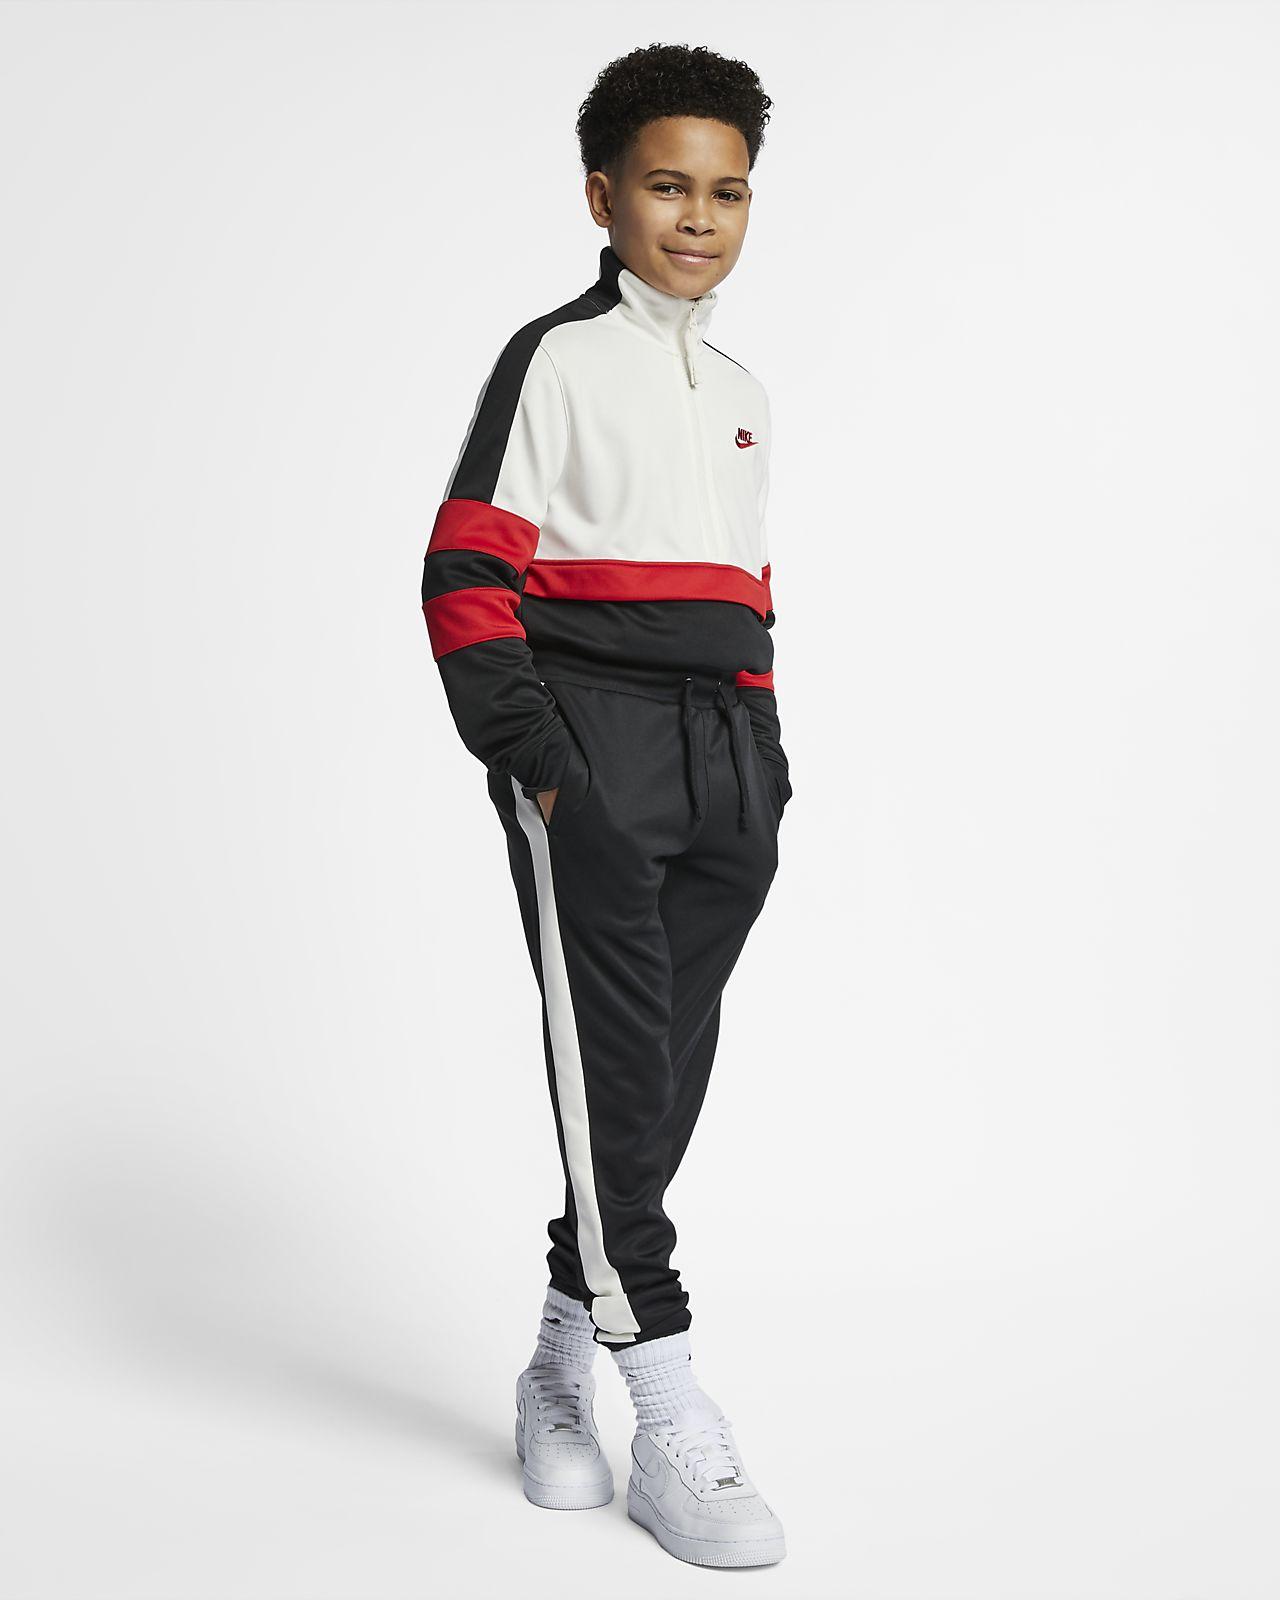 Träningsoverall Nike Air för ungdom